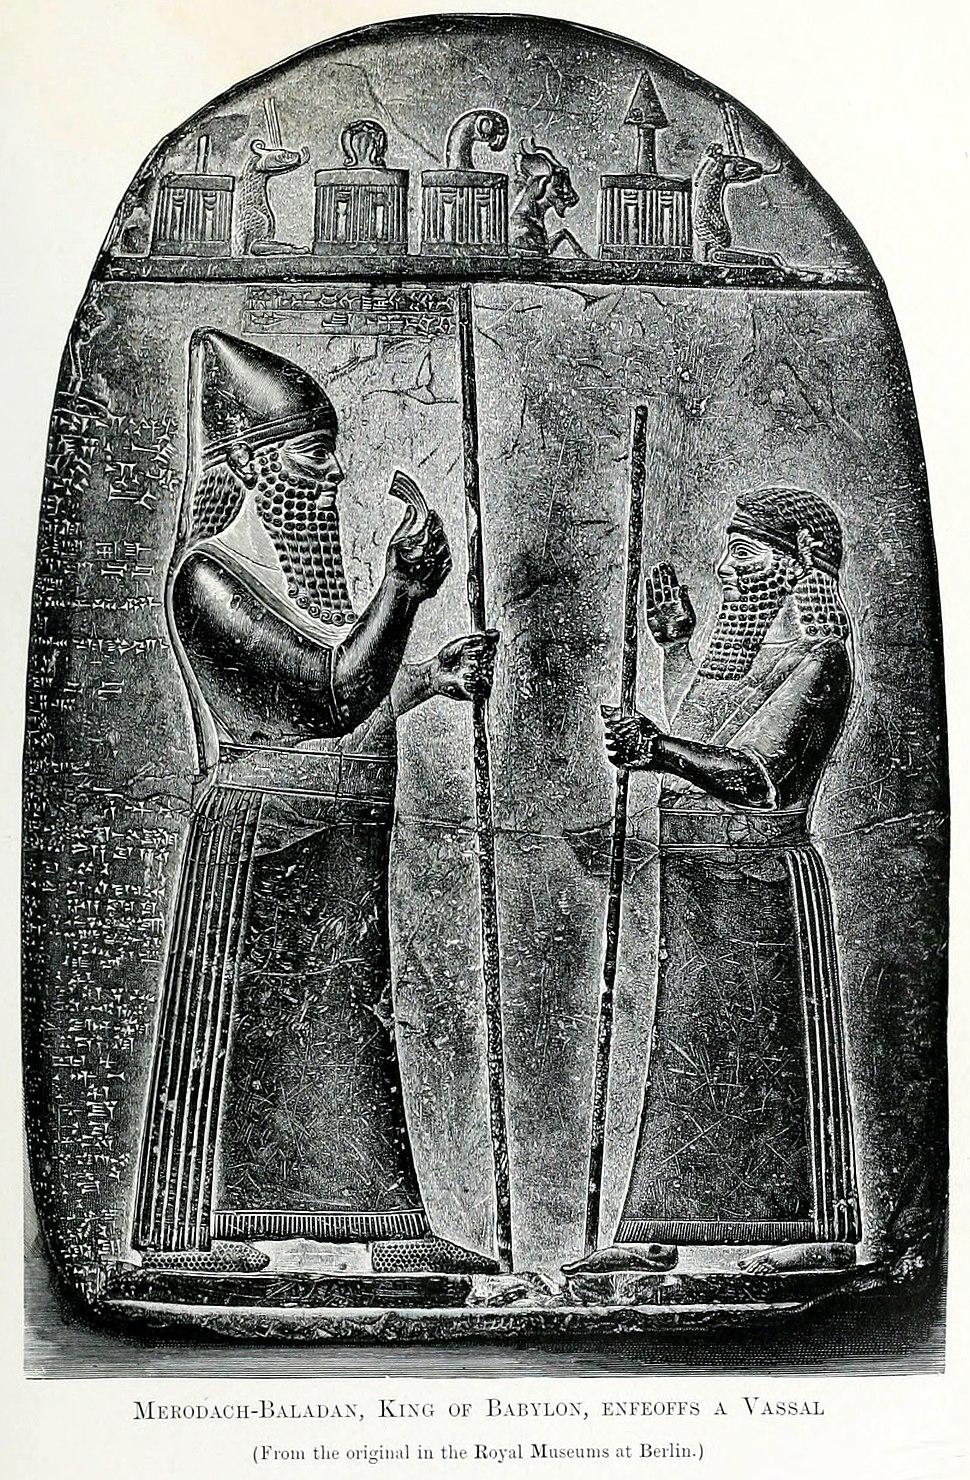 Marduk-apla-iddina II